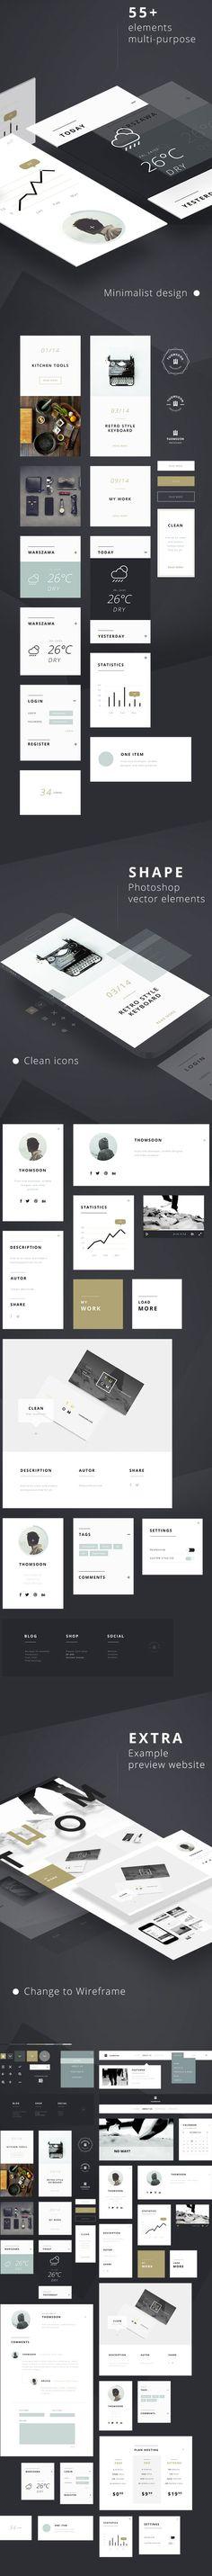 Je continue à partager avec vous différentes ressources qui vont pouvoir vous aider dans toute la partie création, webdesign. Il s'agit d'un UI kit proposé par le graphiste polonais Tomasz Mazurczak. Vous trouverez dans ce kit tout un tas de choses que vous pouvez utiliser pour un usage personne…